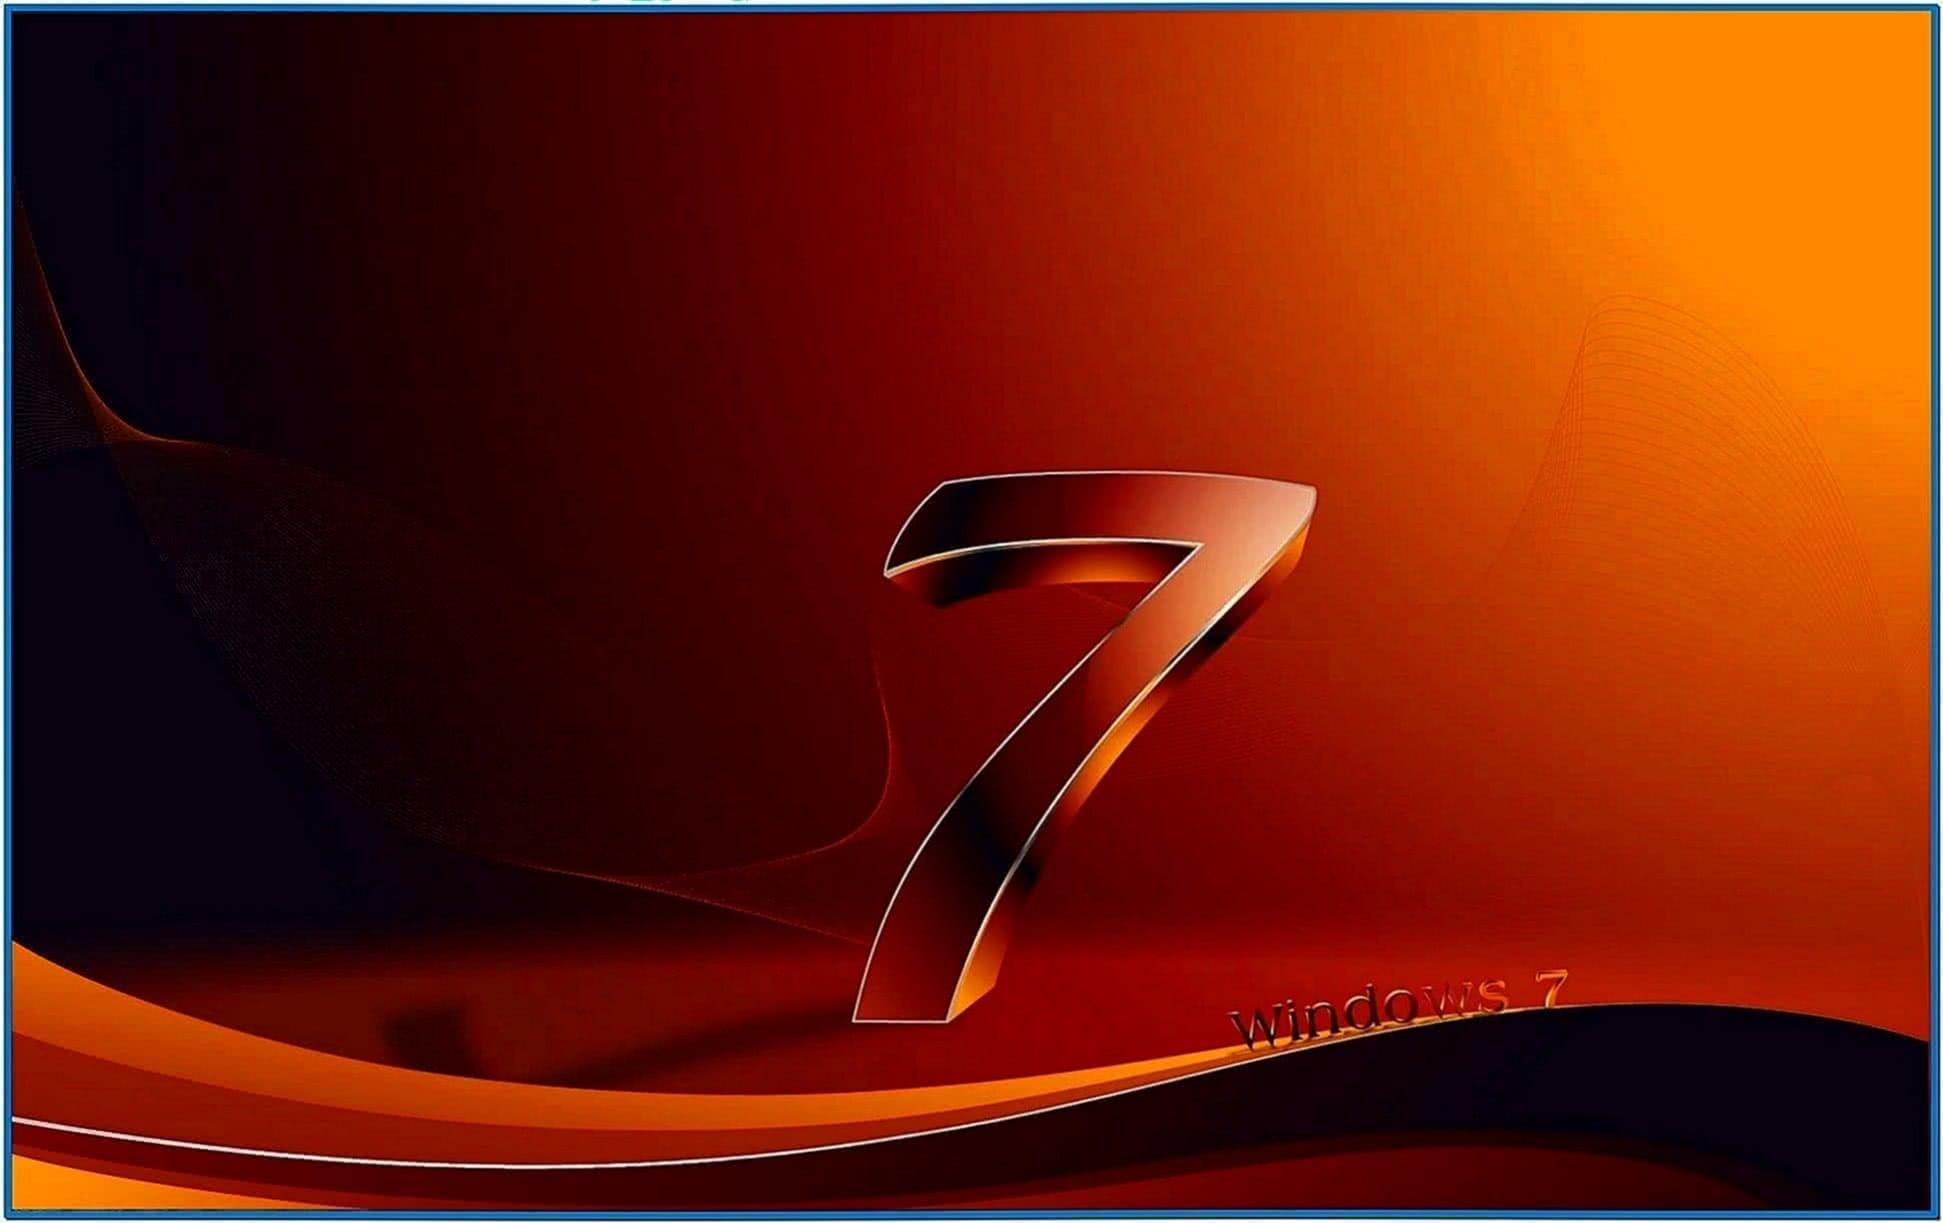 Full 3D Screensavers Windows 7